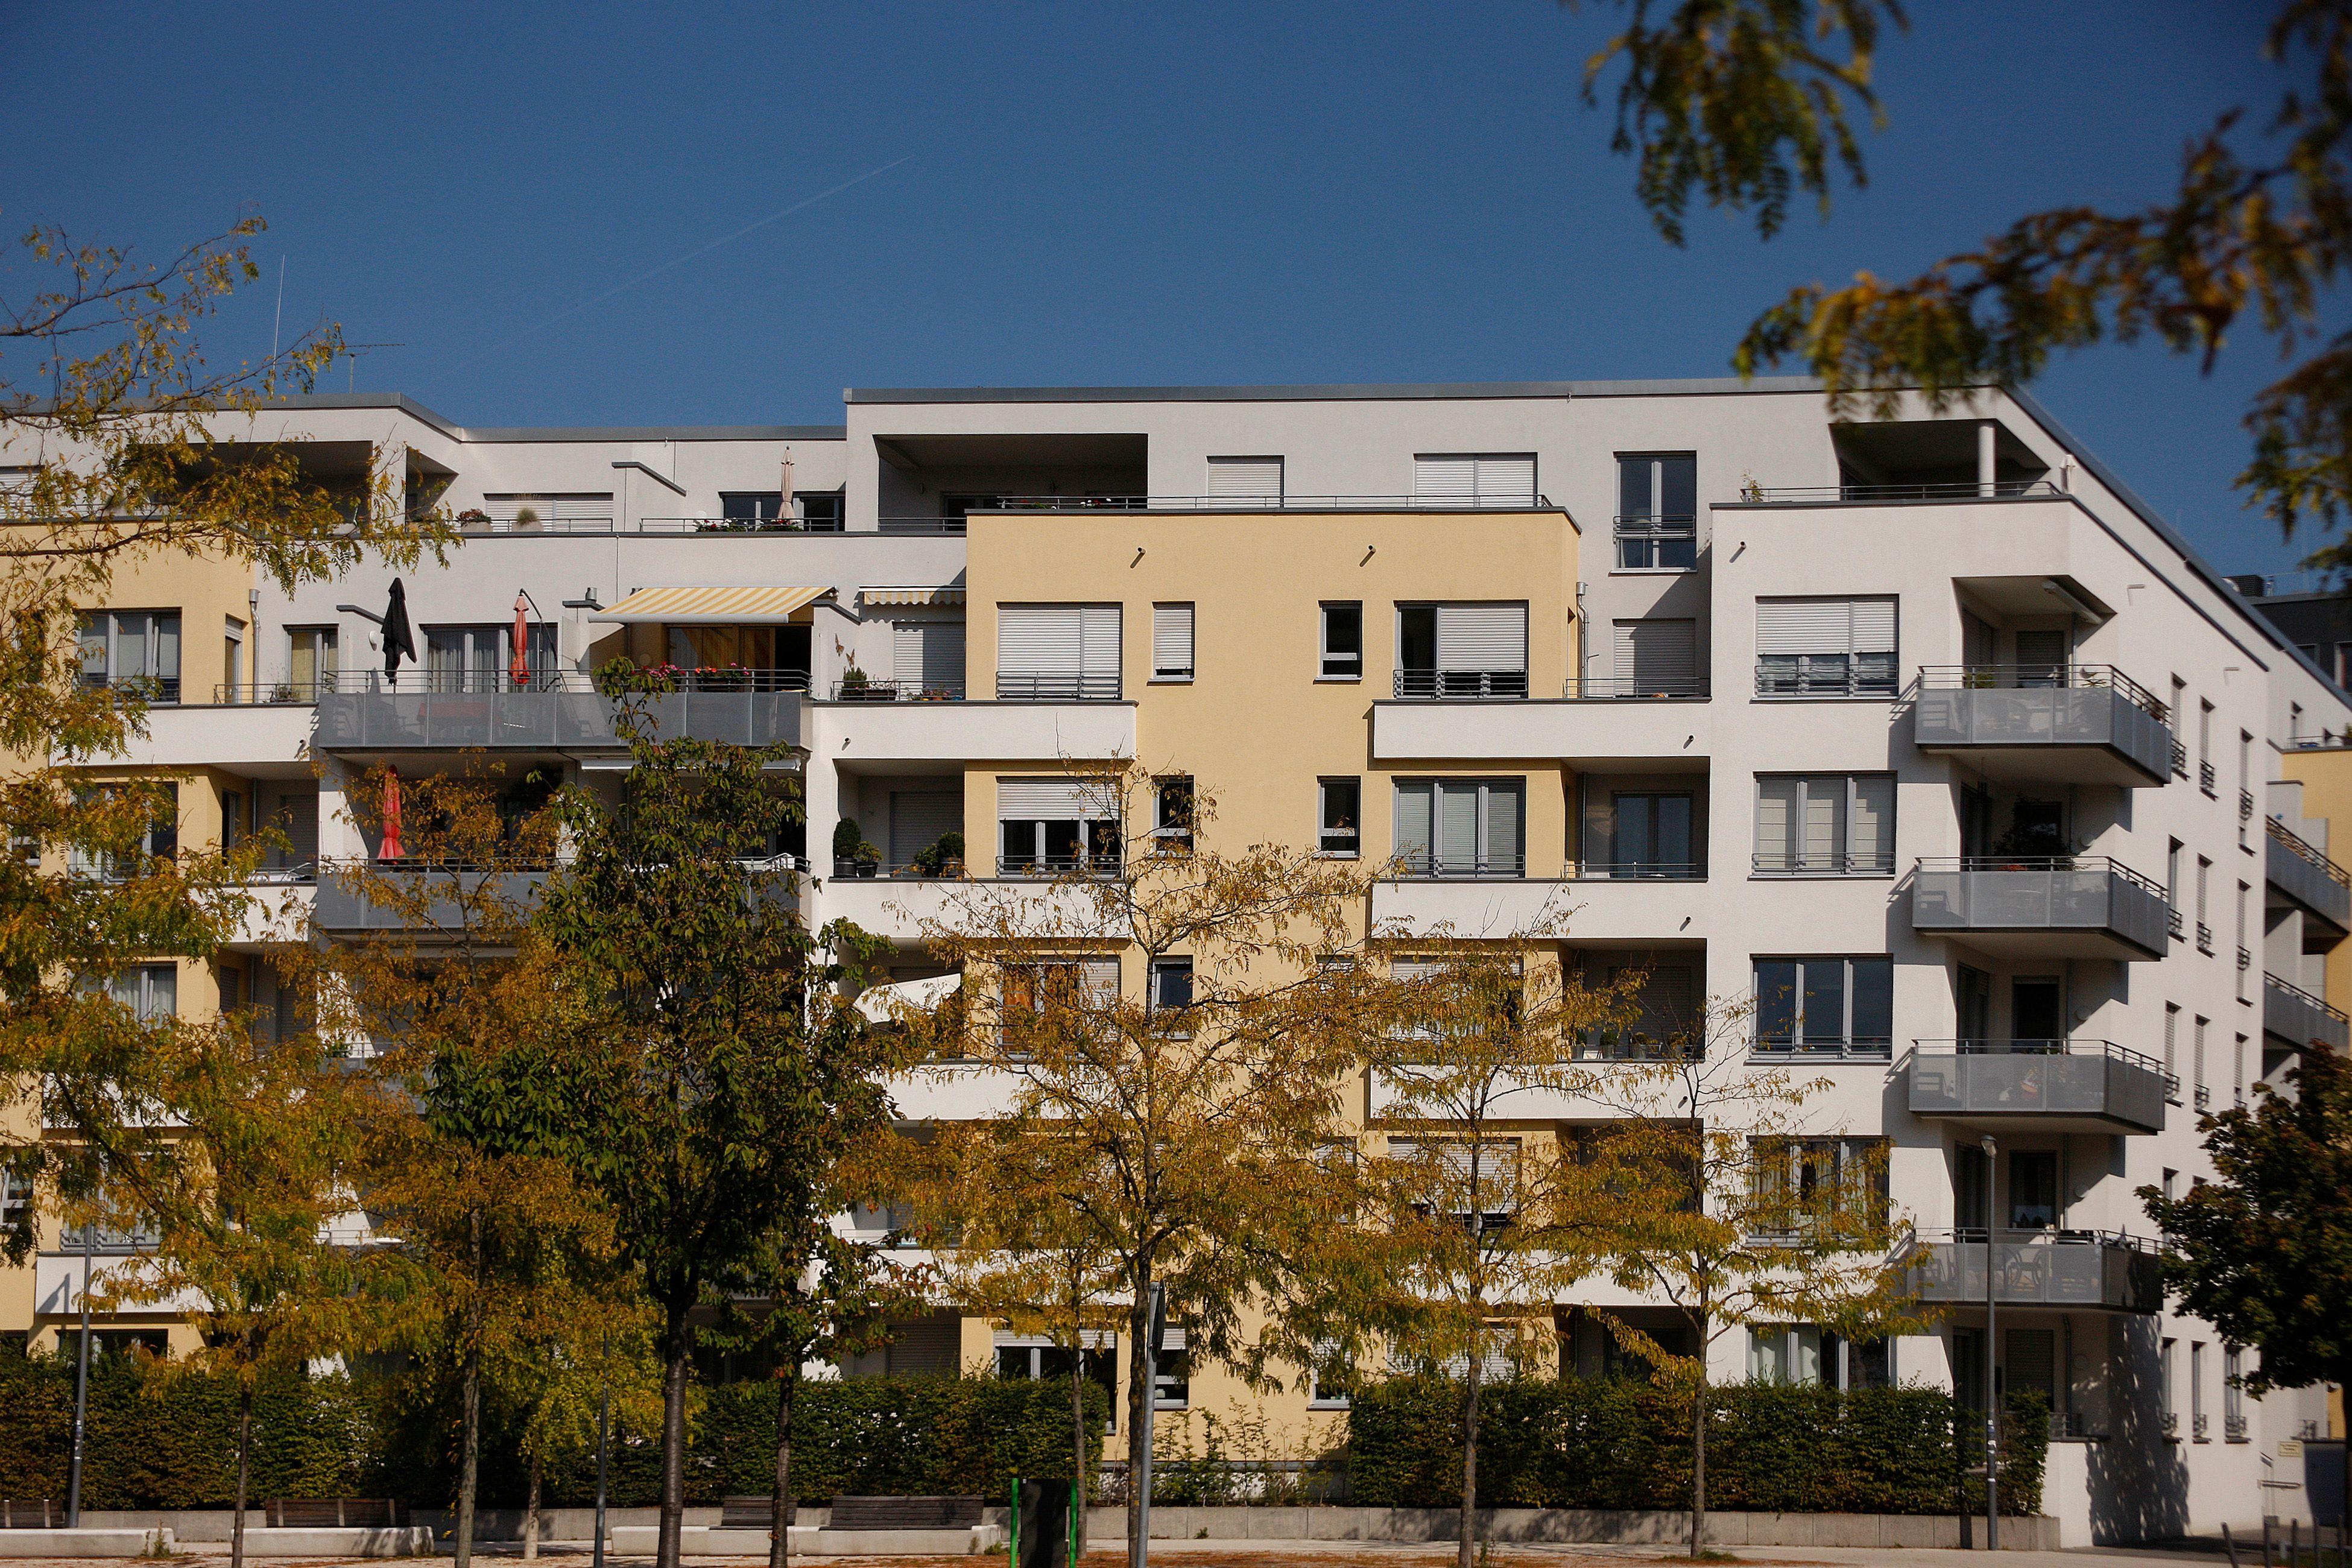 Grete-Mosheim-Straße